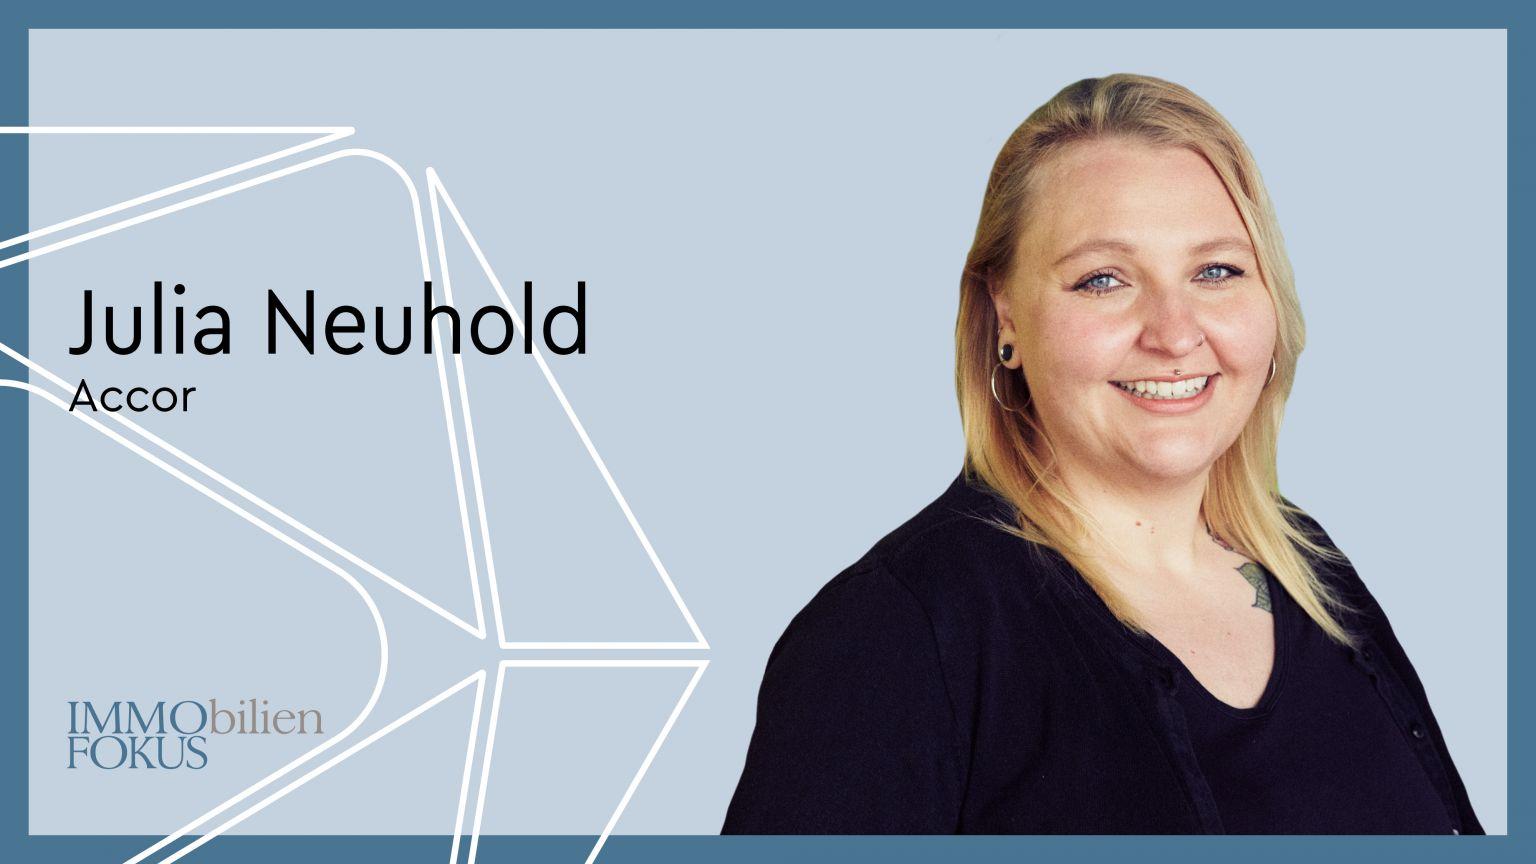 Julia Neuhold übernimmt die Leitung des JOE&JOE Vienna